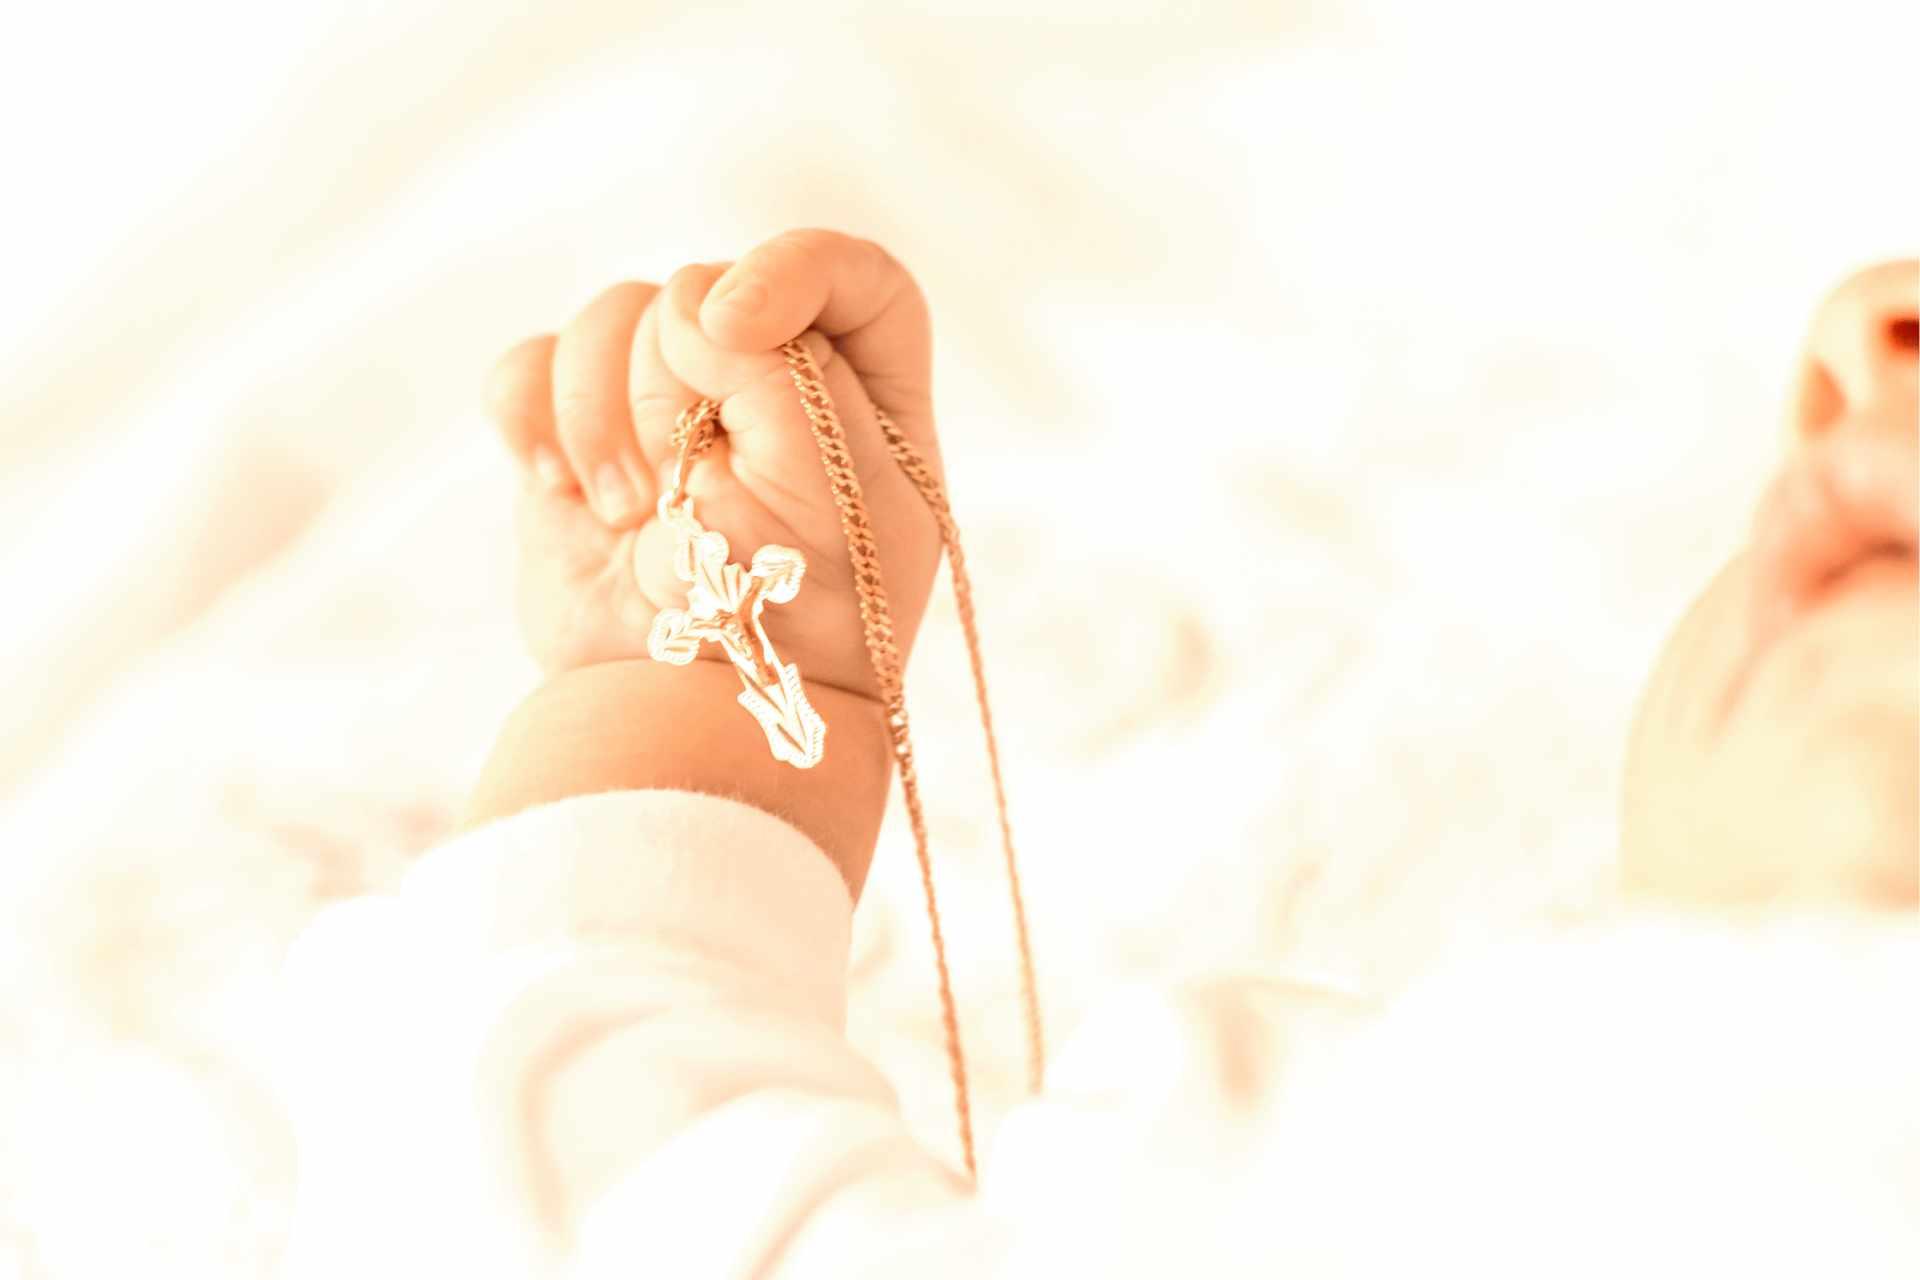 Bébé qui tient une croix dans sa main